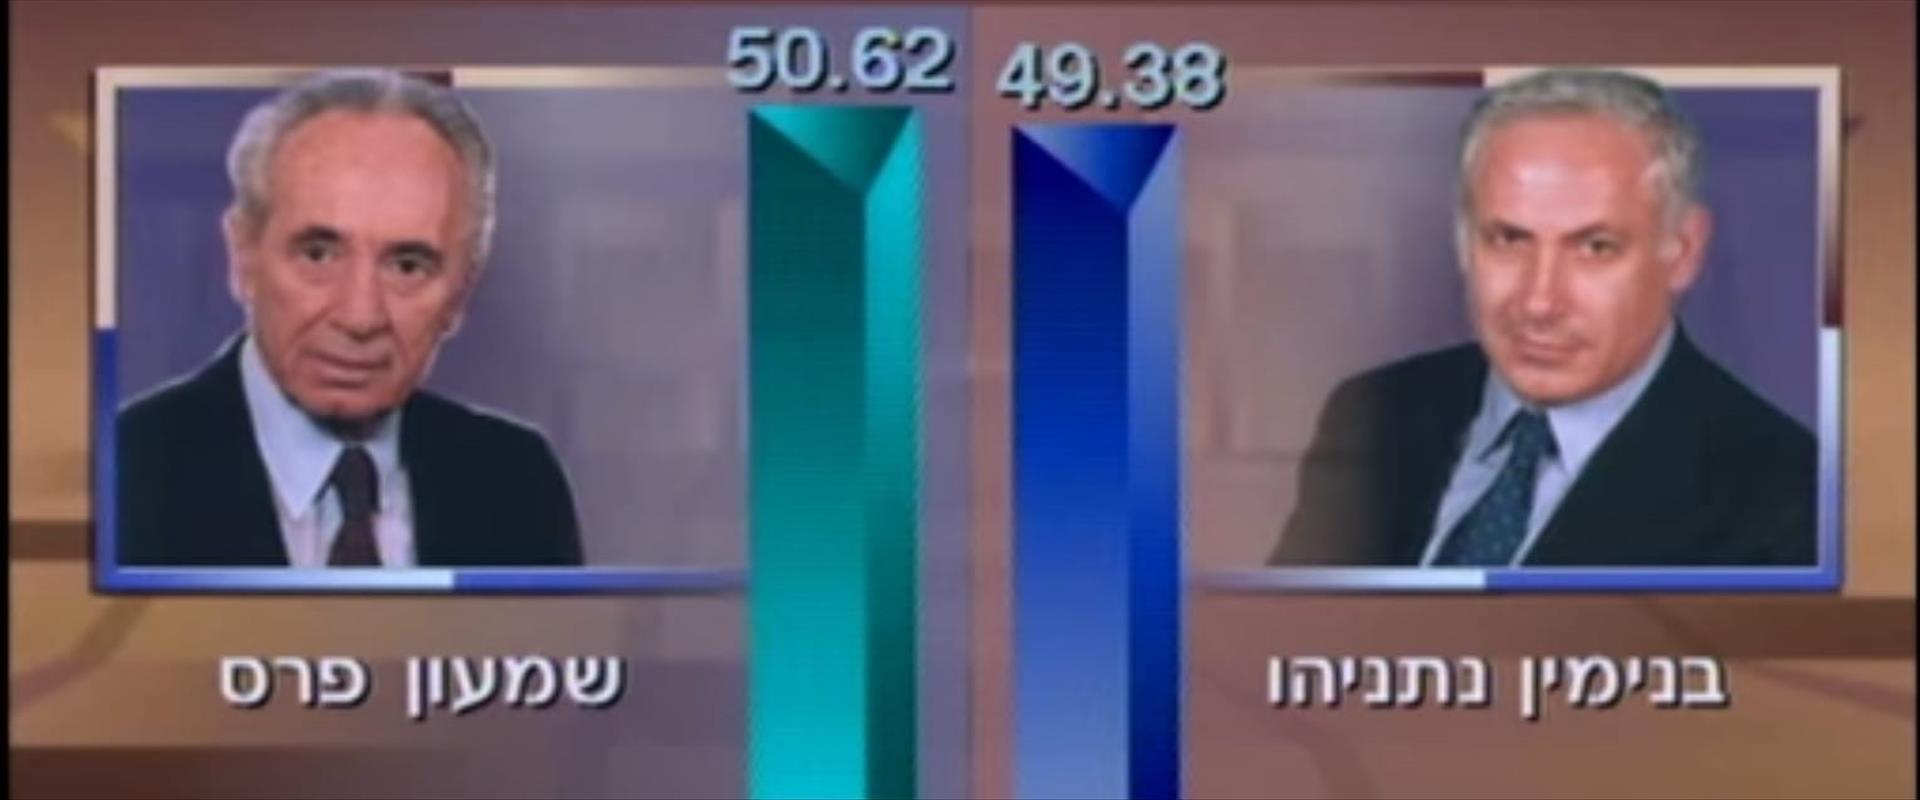 מדגם פרס מול נתניהו מהערוץ הראשון, 1996